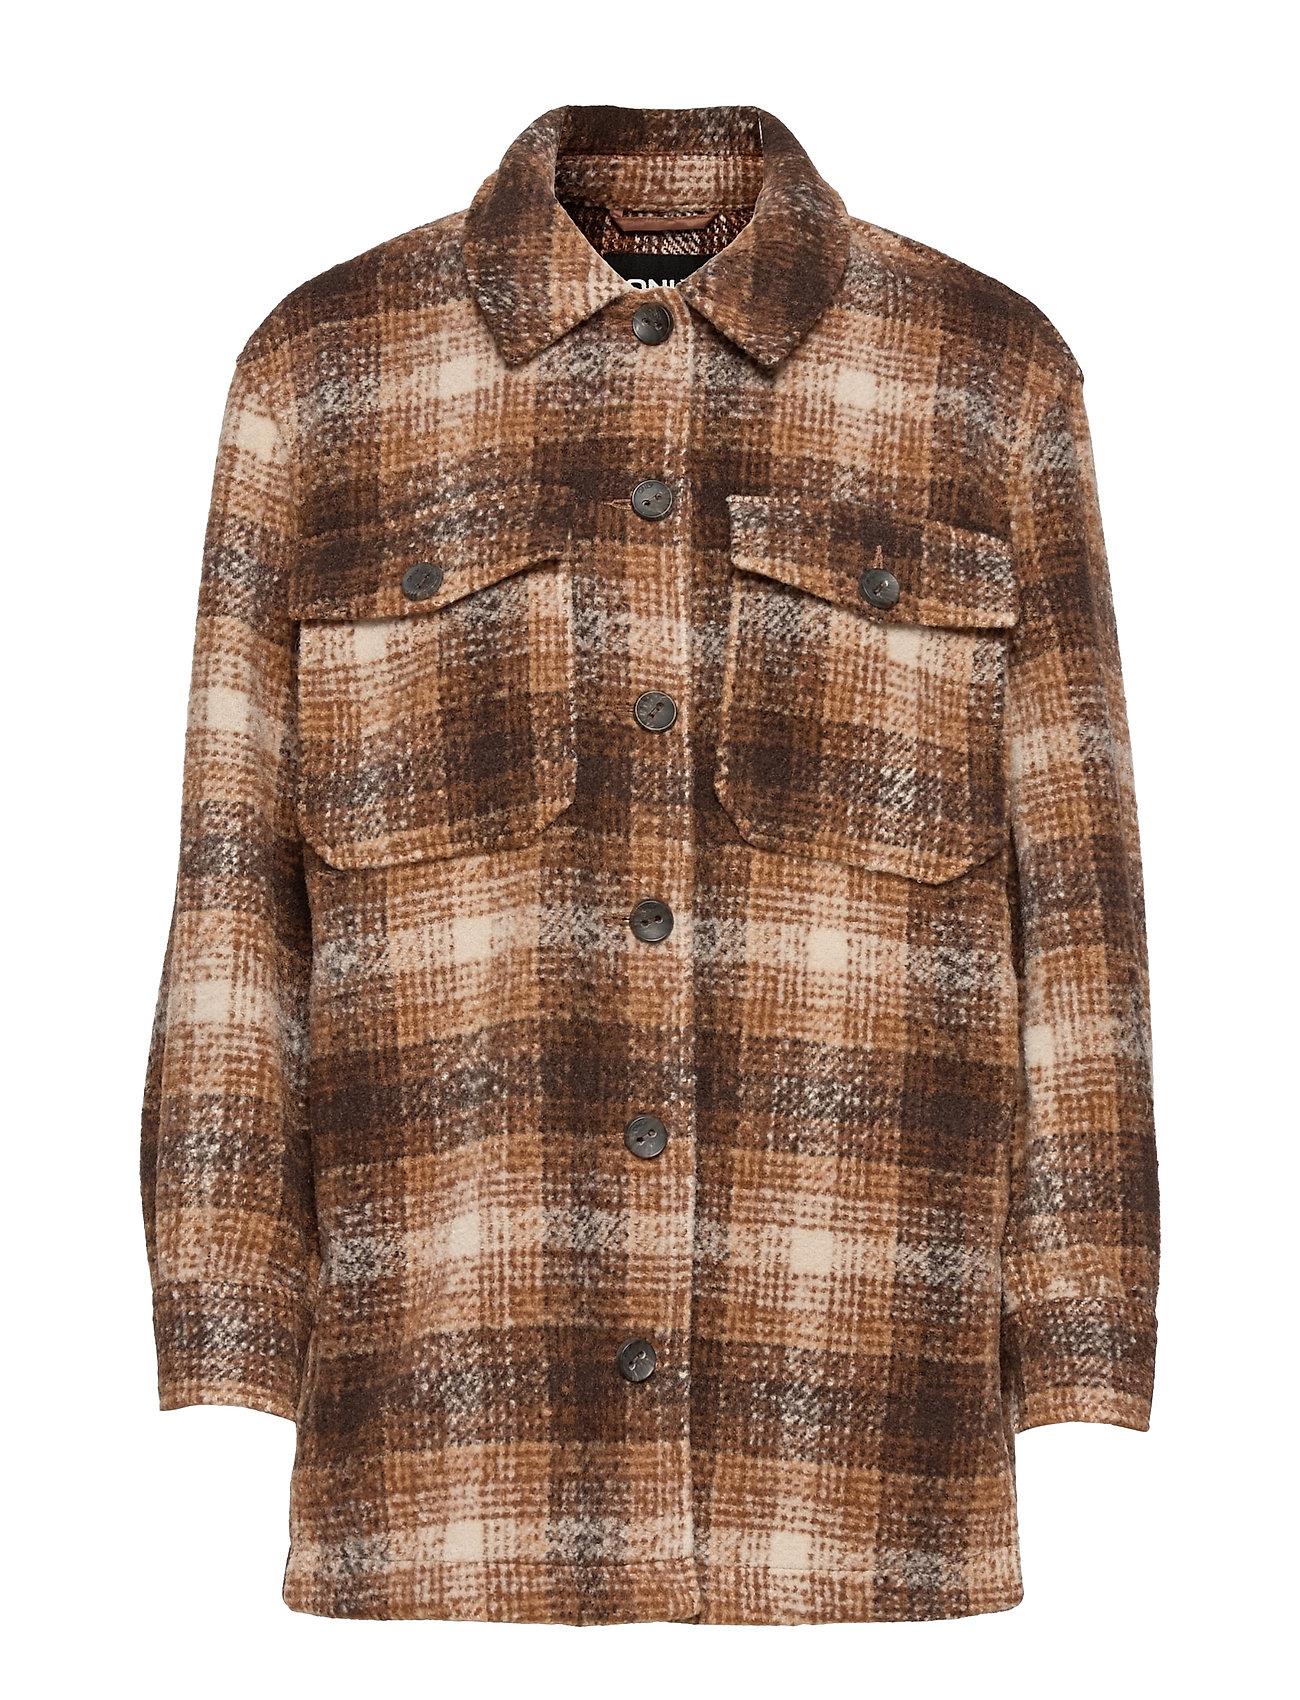 Onlallison Check Wool Shacket Cc Otw Uldjakke Jakke Brun ONLY